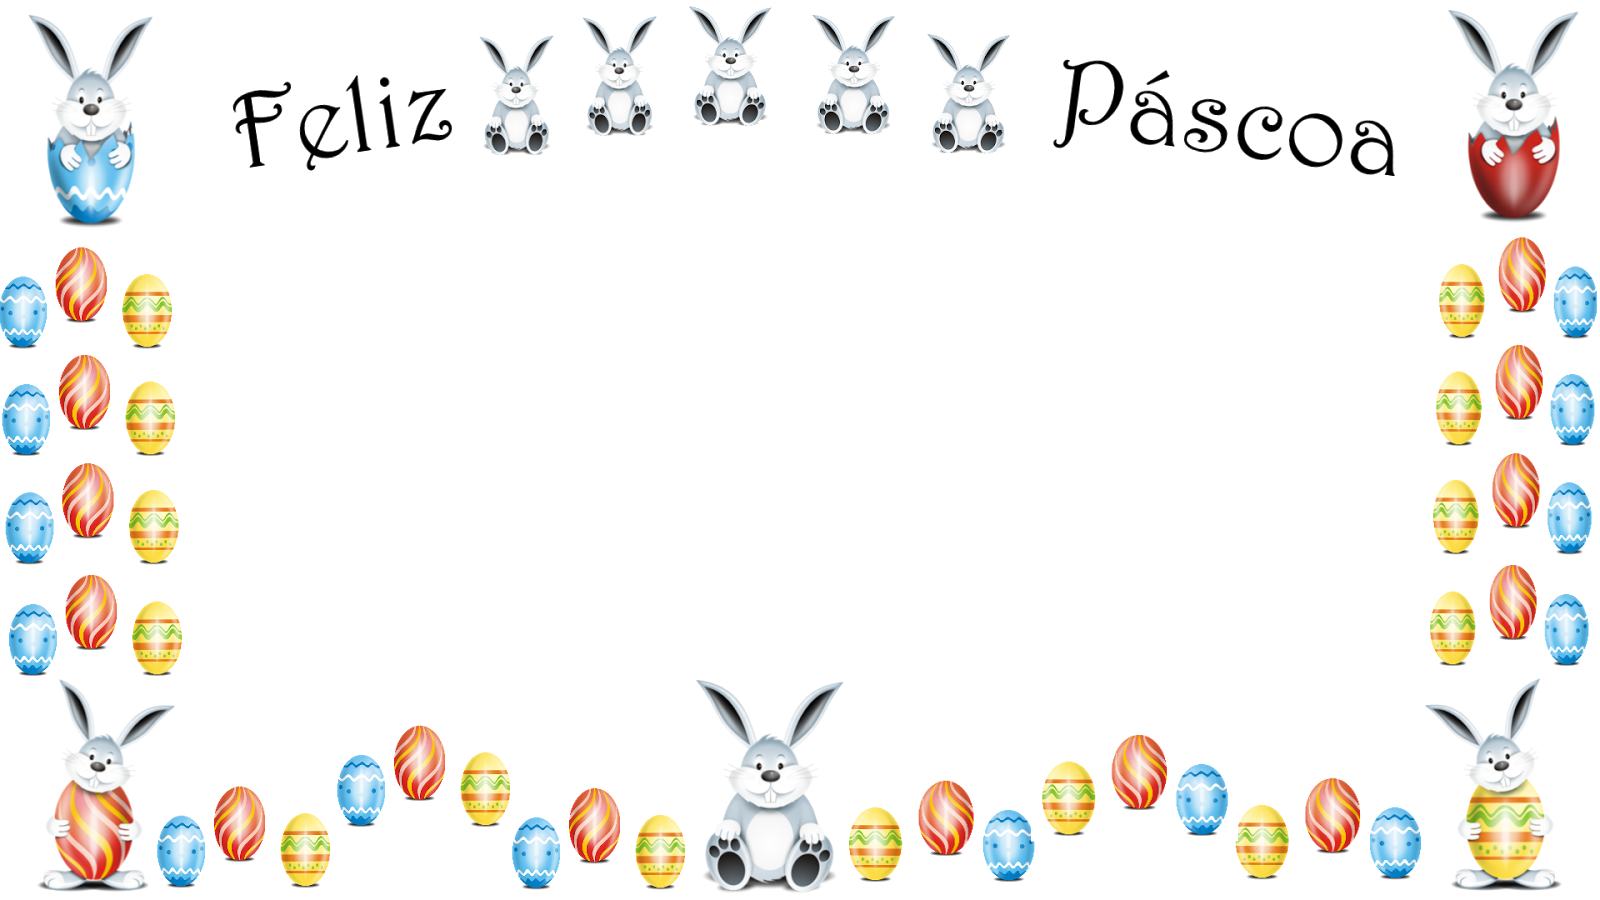 Coelhinhos e ovos-Feliz Pascoa 2 png